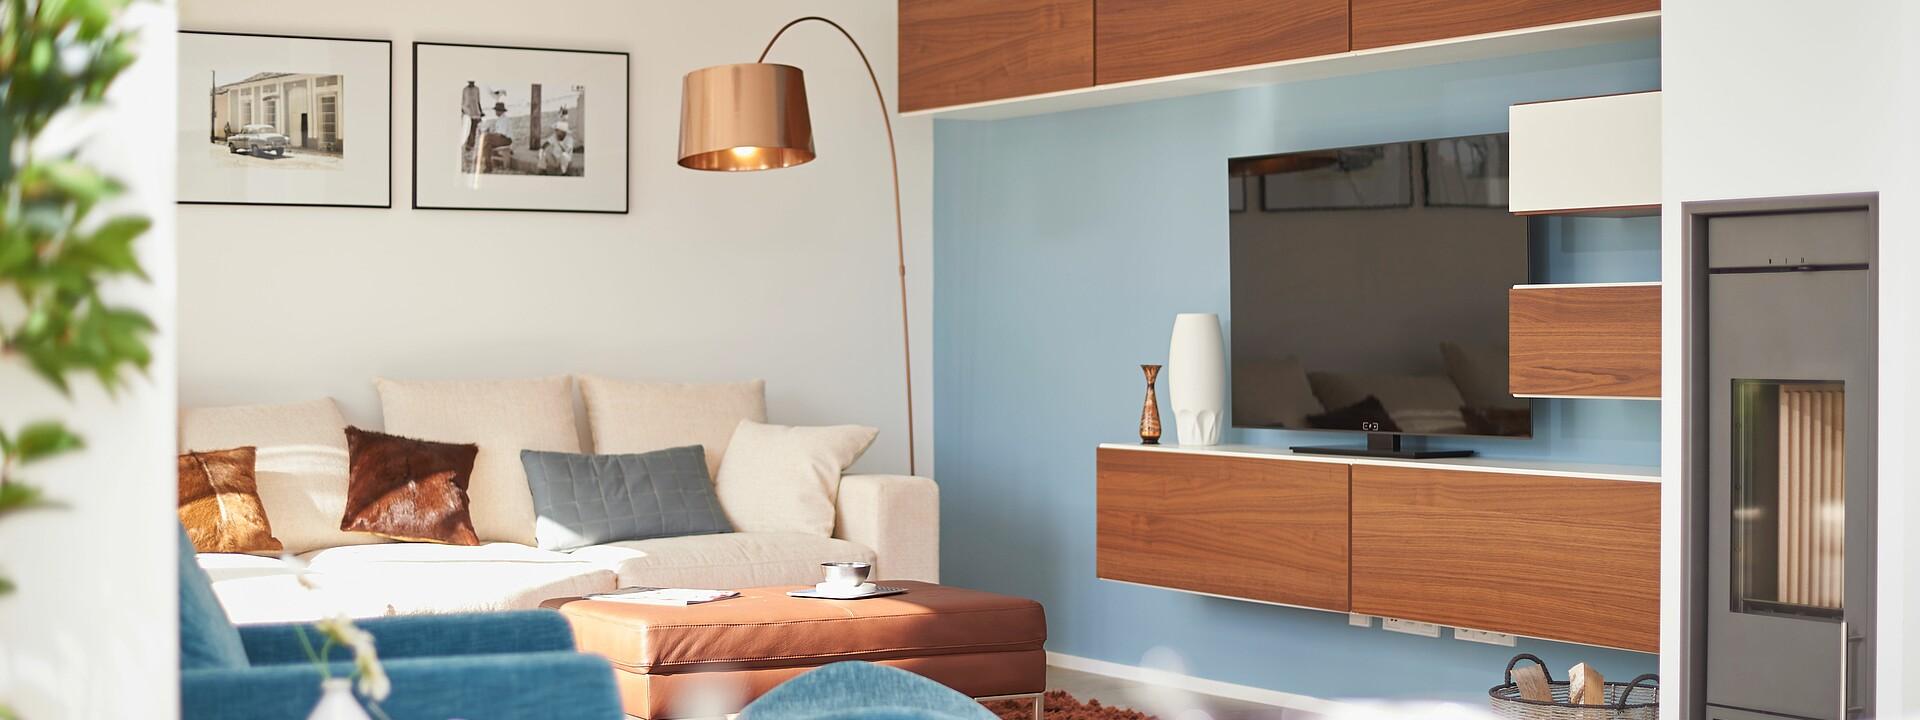 wohnzimmer in einem fertighaus von hanse haus